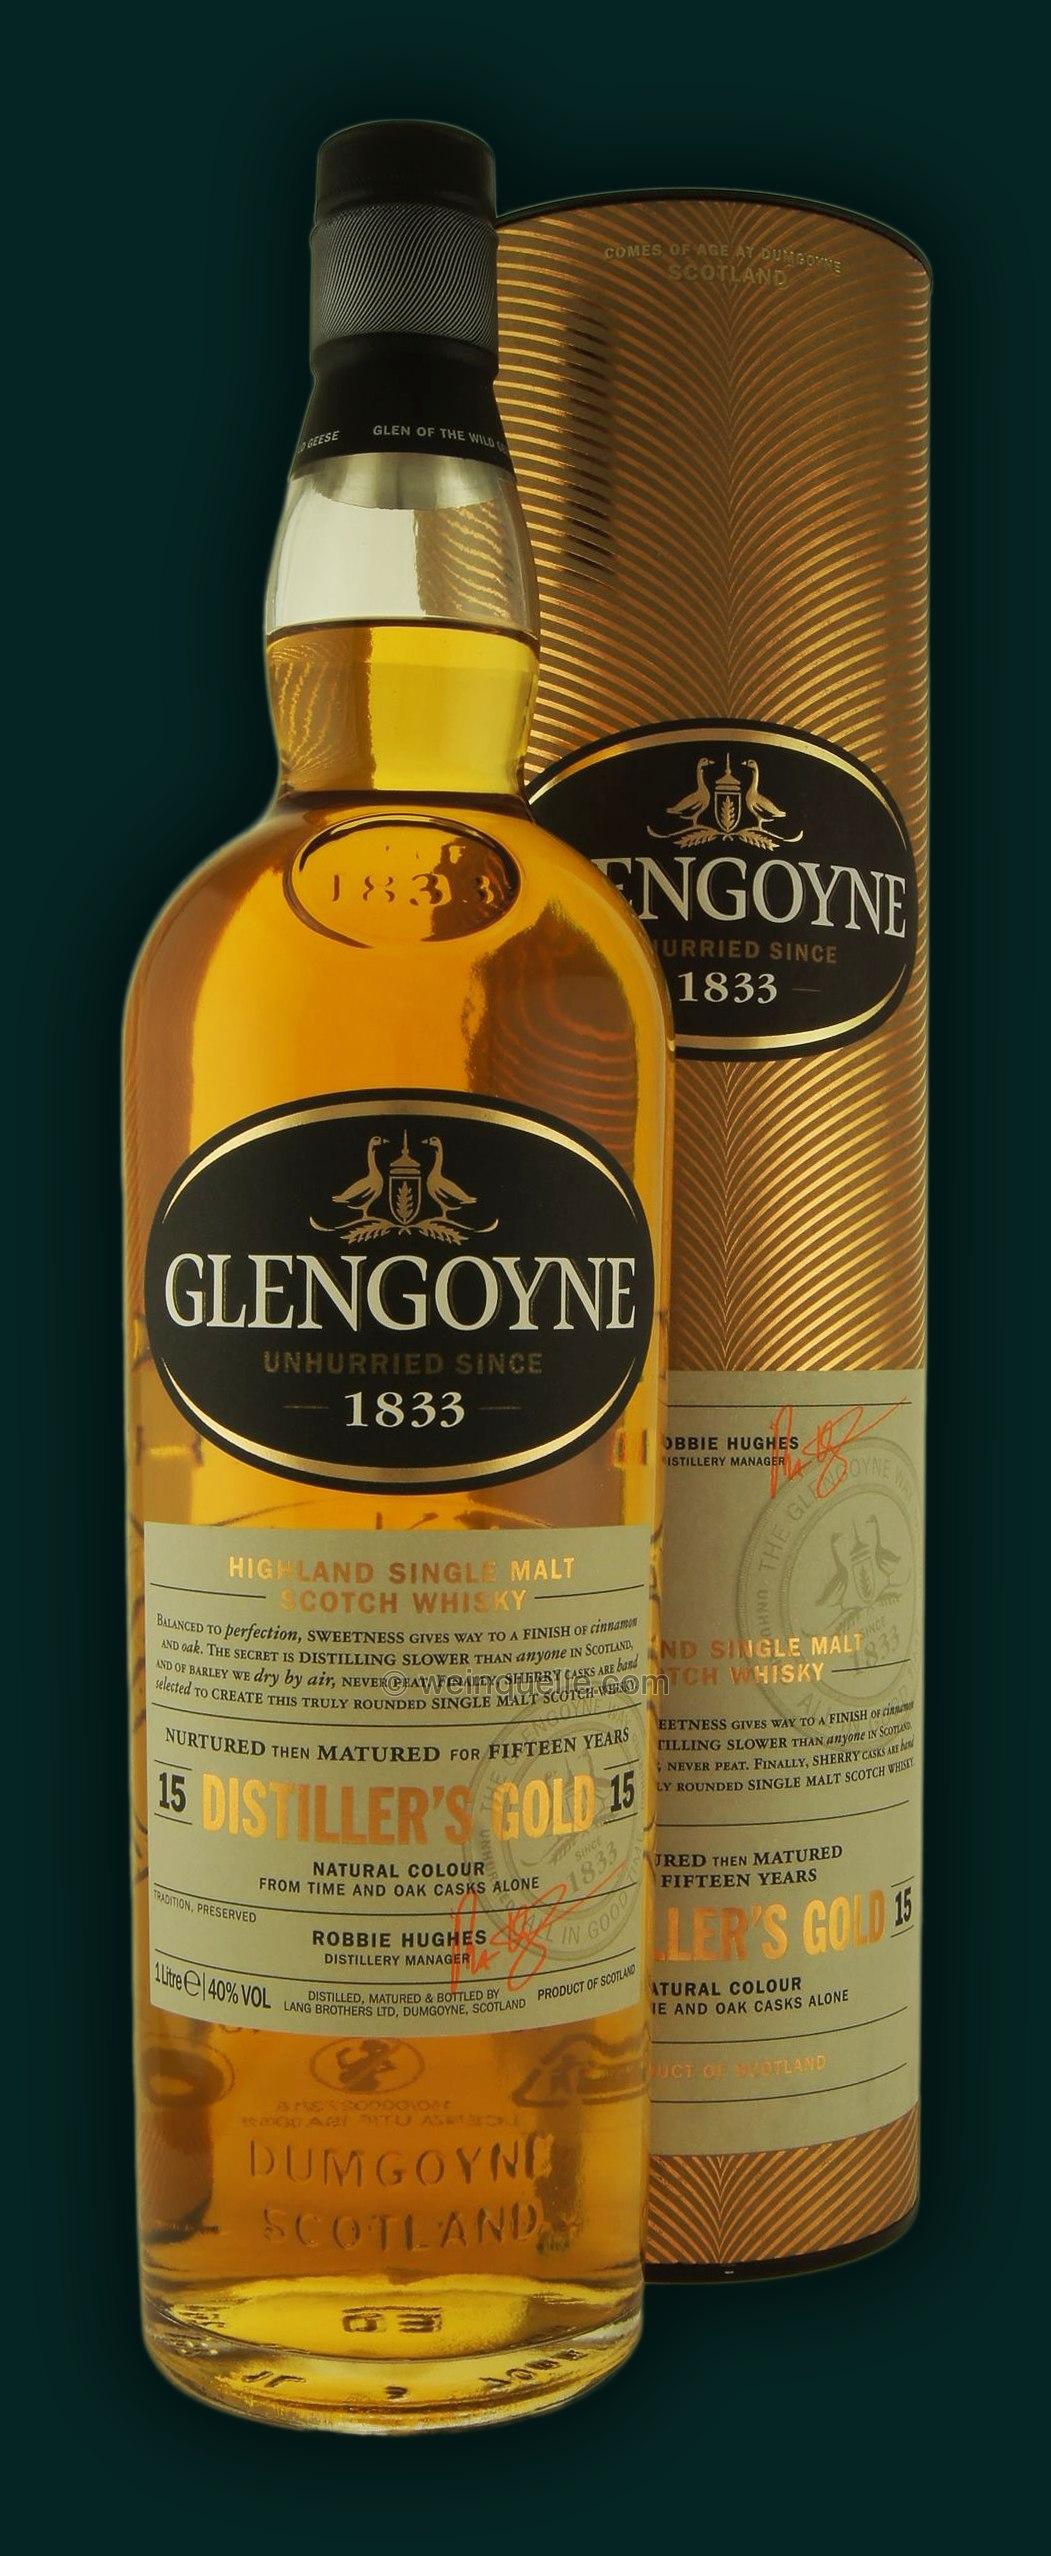 Glengoyne 15 Years Distiller's Gold 1,0 Liter, 64,50